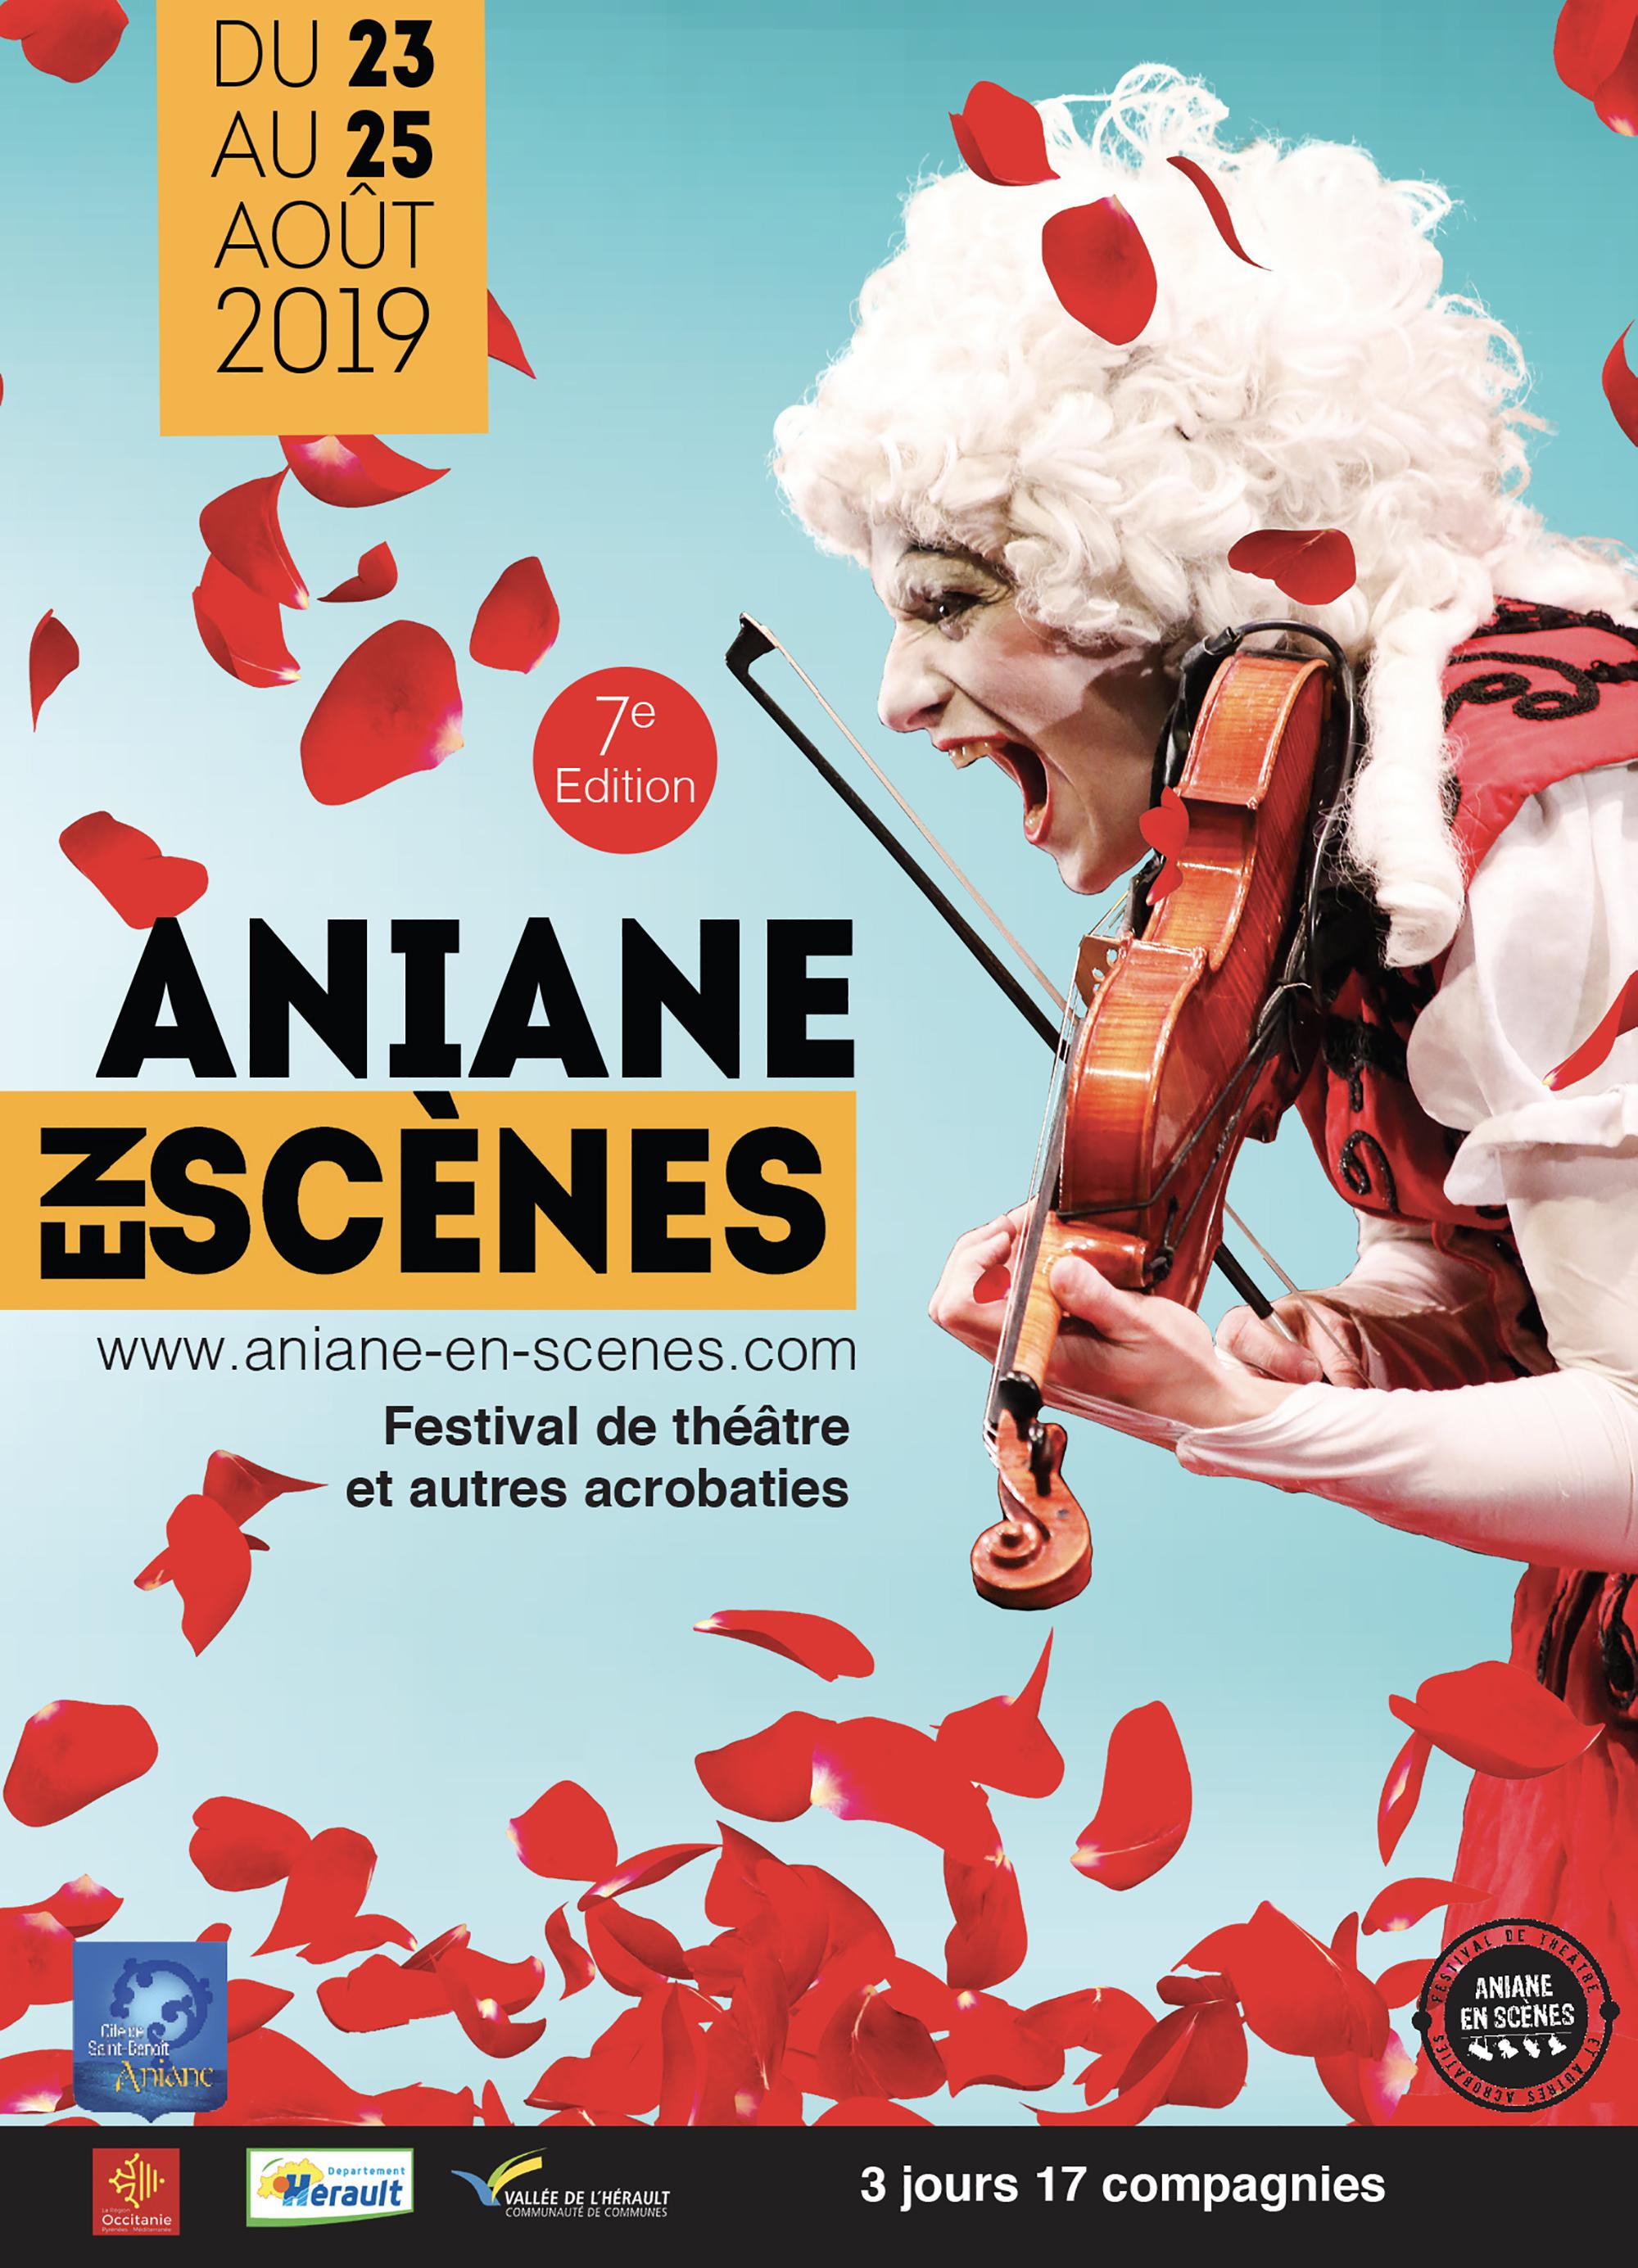 Festival-Aniane-en-scènes-2019